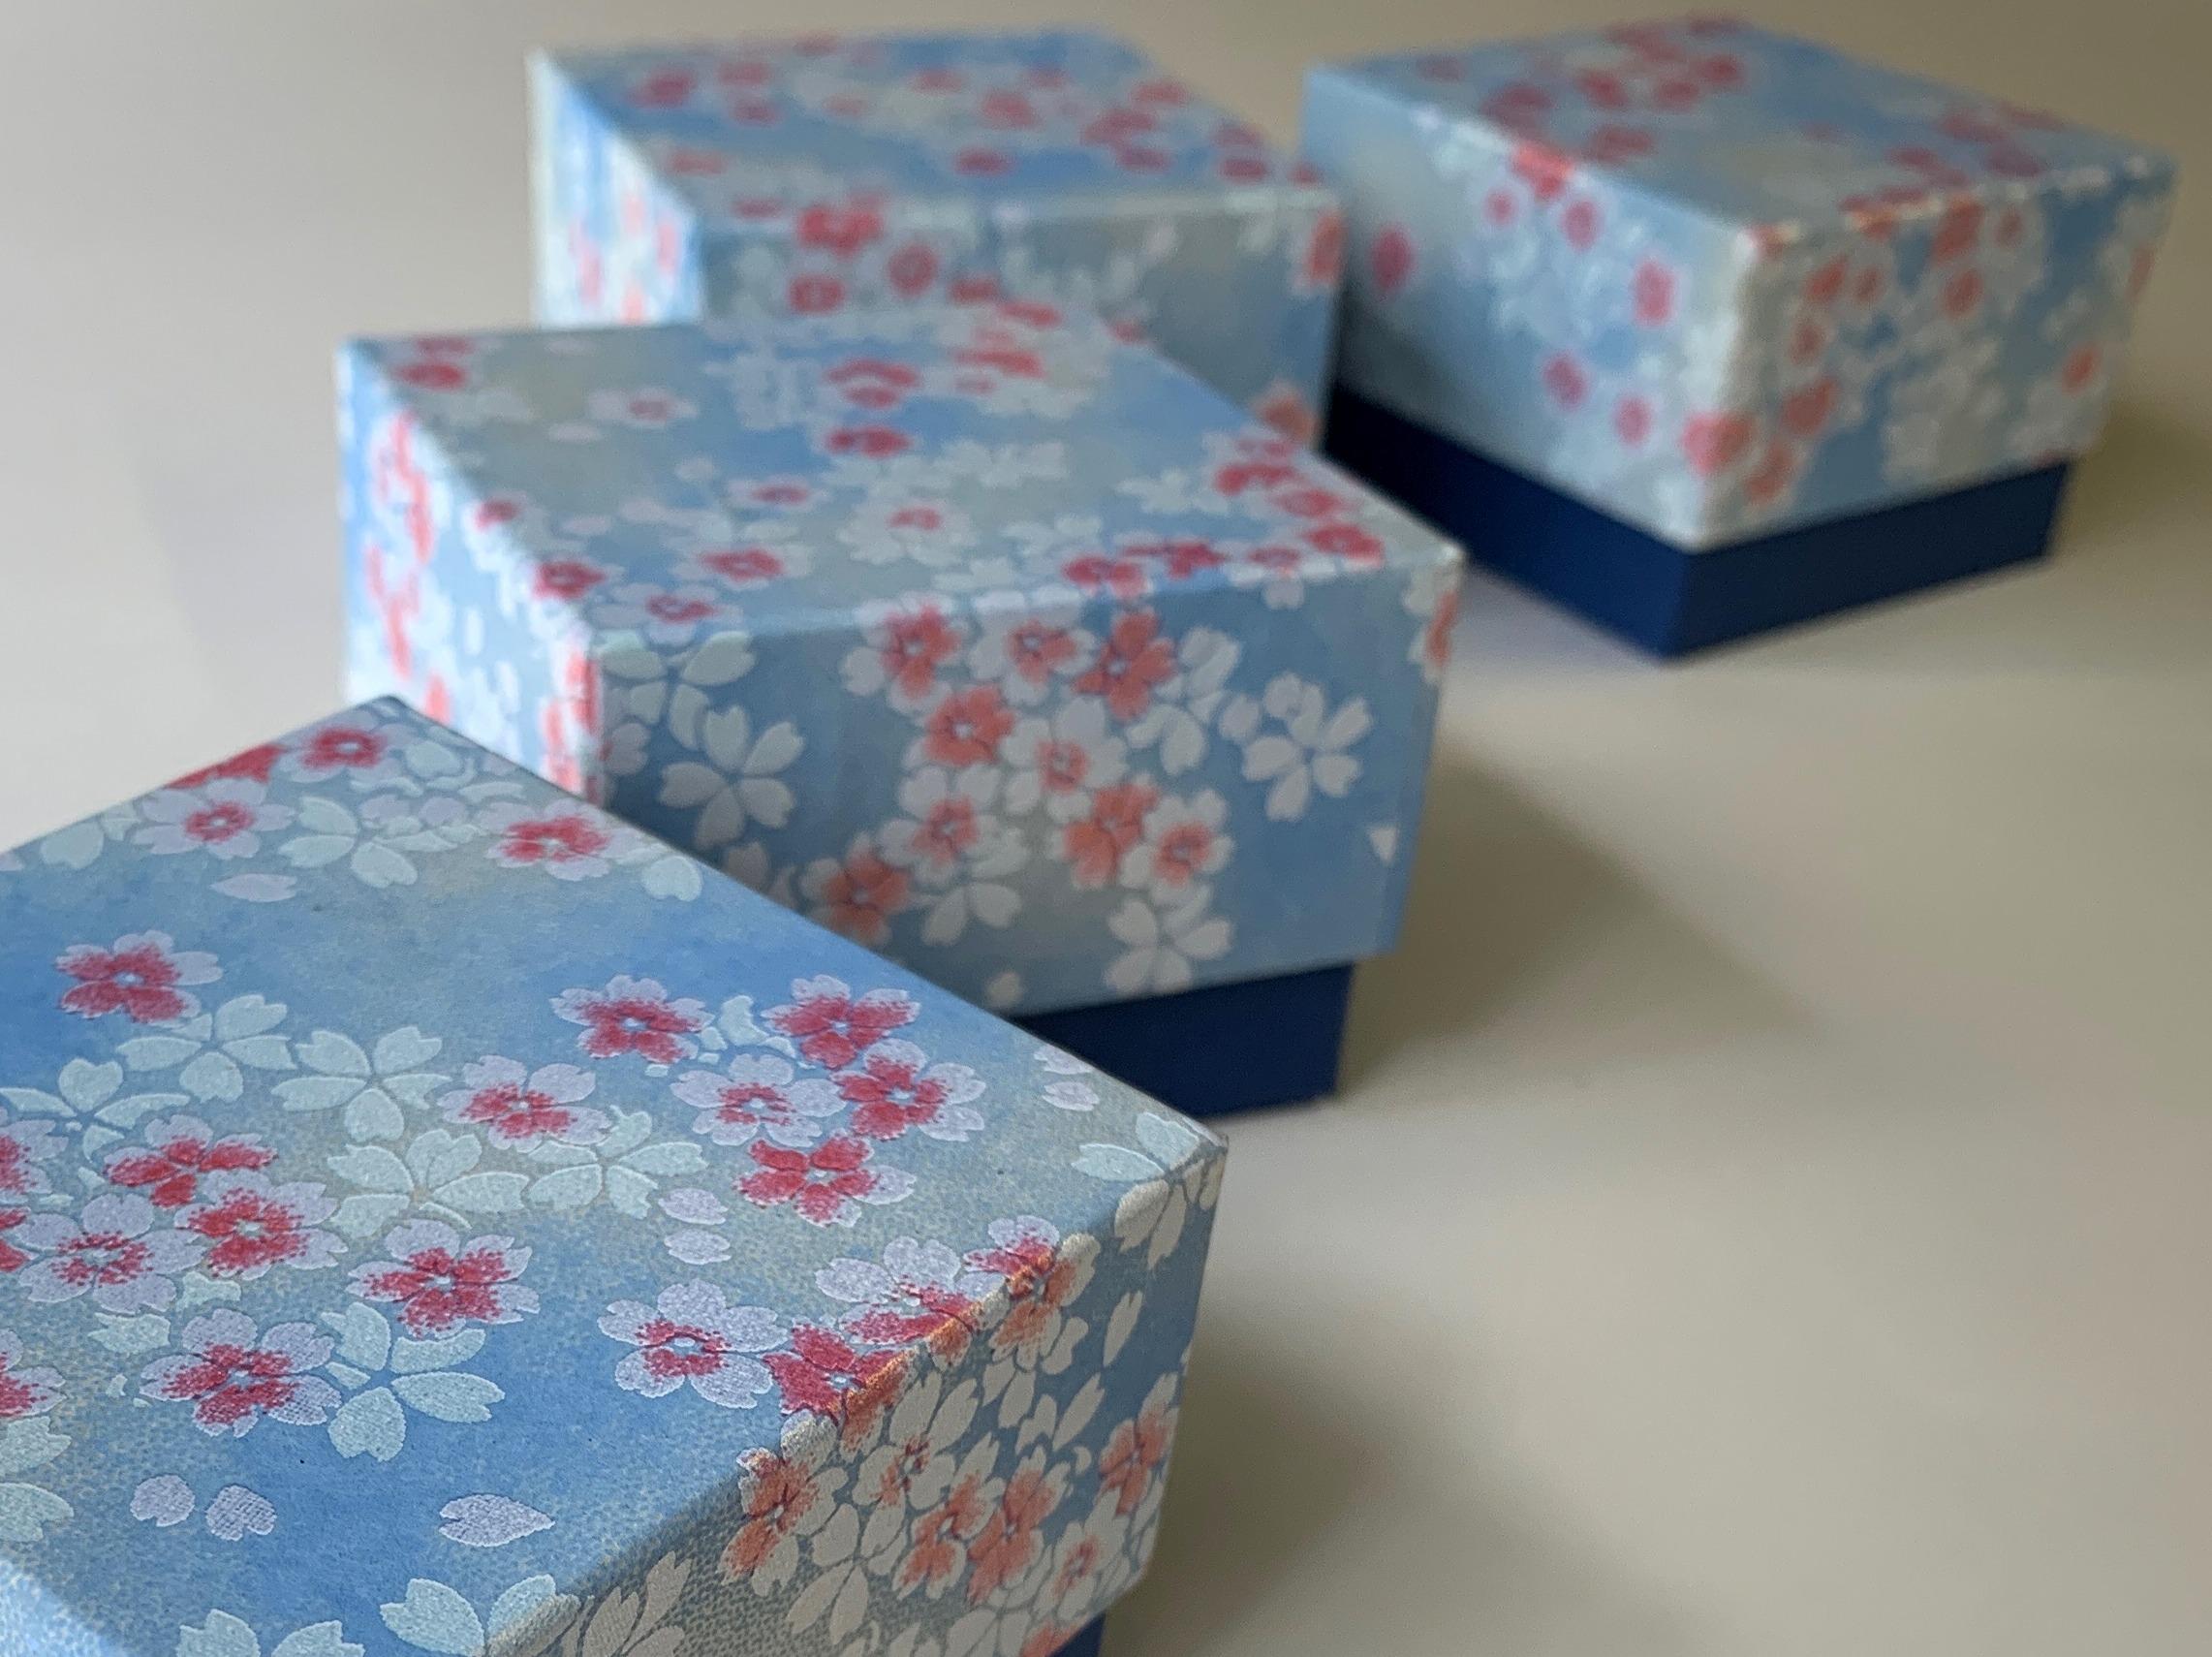 スイス向けの貼箱は千代紙を使用した手のひらサイズの別注の小箱